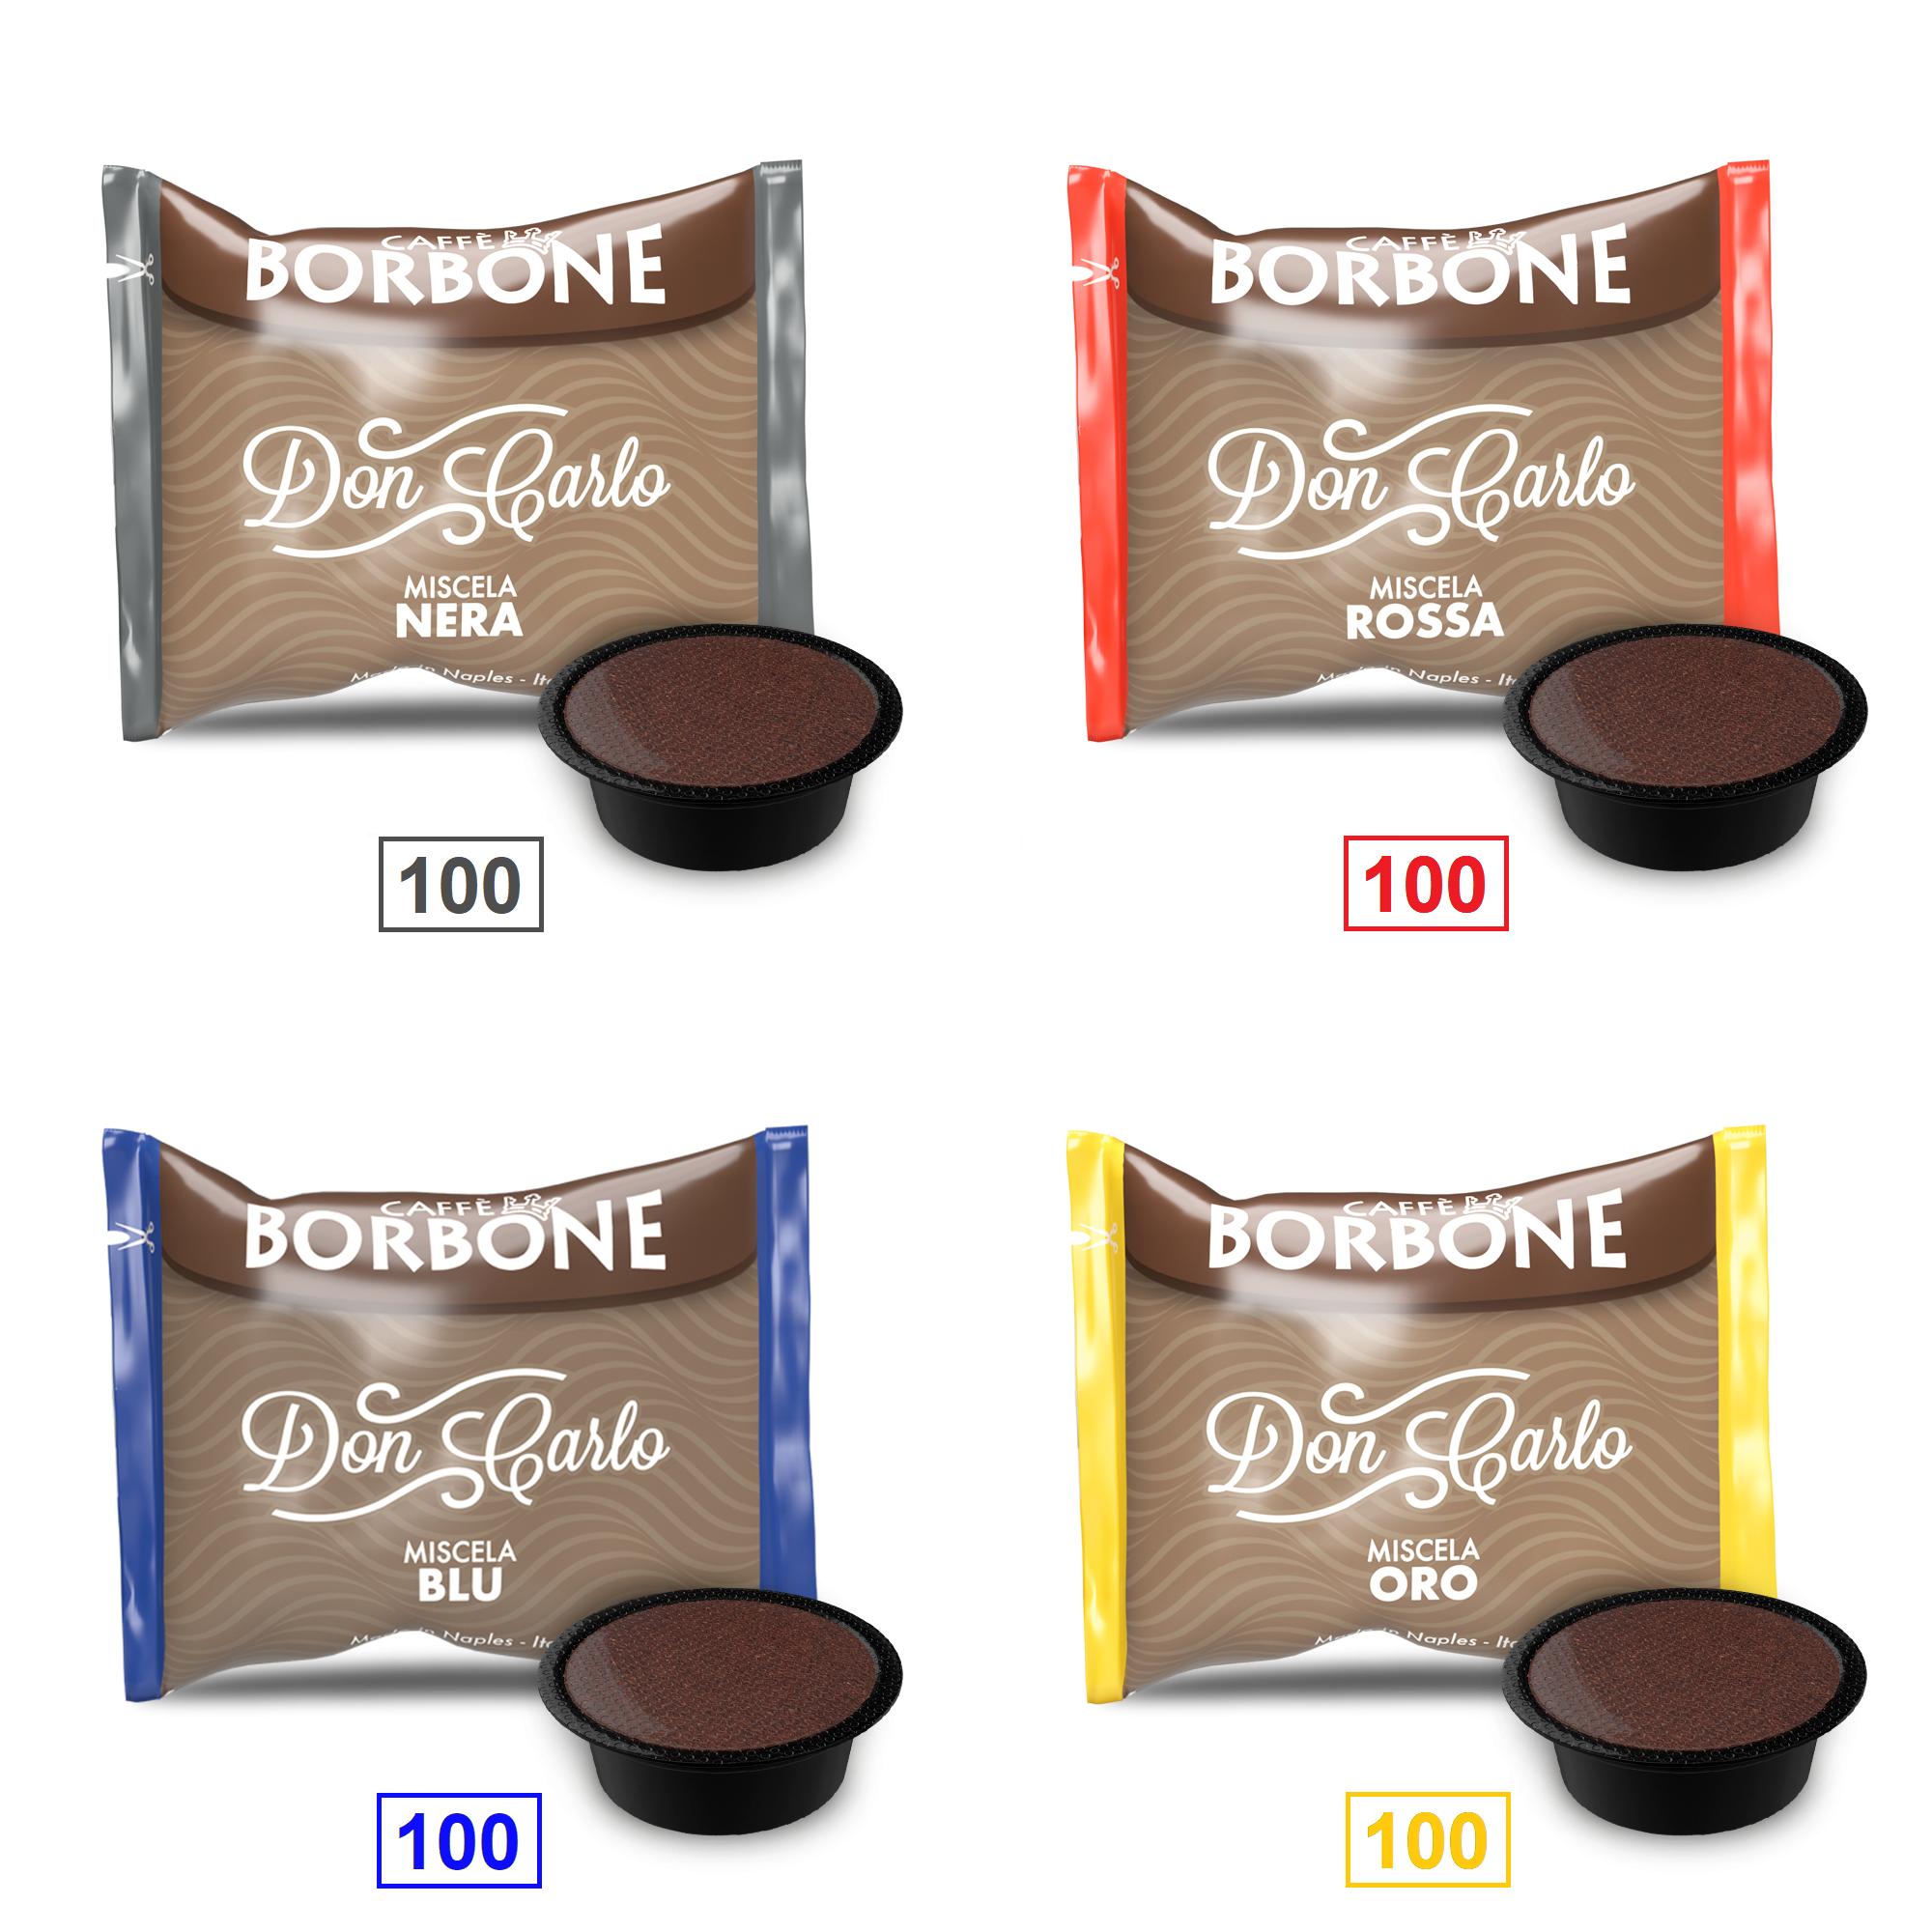 Caffè Borbone Mix 400 Capsule Don Carlo - 100 Miscela Nera - 100 Miscela Rossa - 100 Miscela Blu - 100 Miscela Oro - Compatibili A Modo Mio